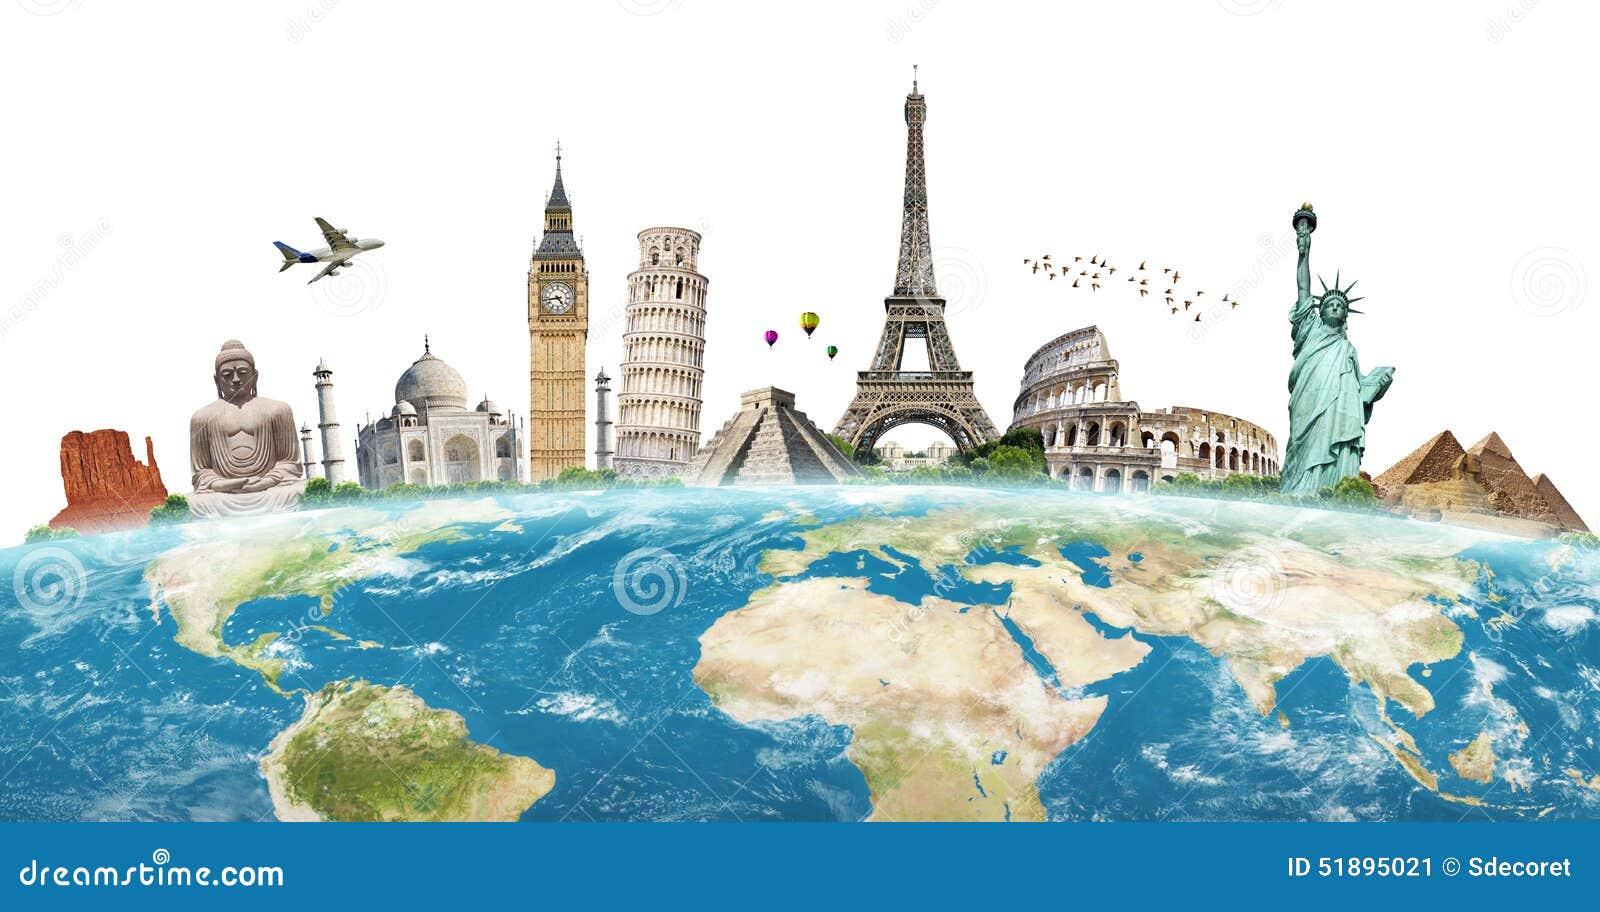 Illustration du monument c l bre du monde photo stock for Les monuments les plus connus du monde